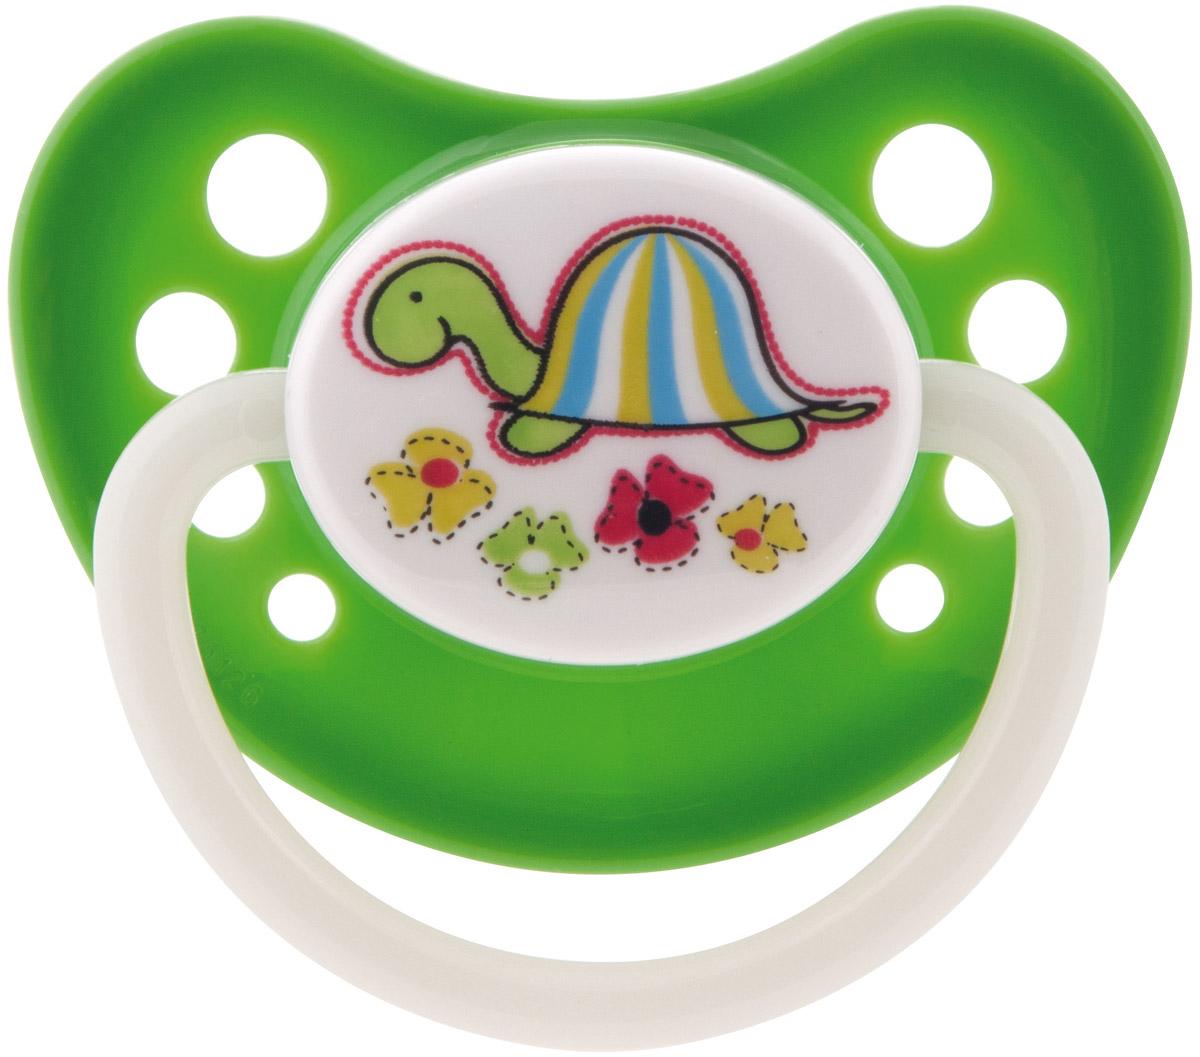 Canpol Babies Пустышка латексная ортодонтическая Zoo от 6 до 18 месяцев цвет зеленый